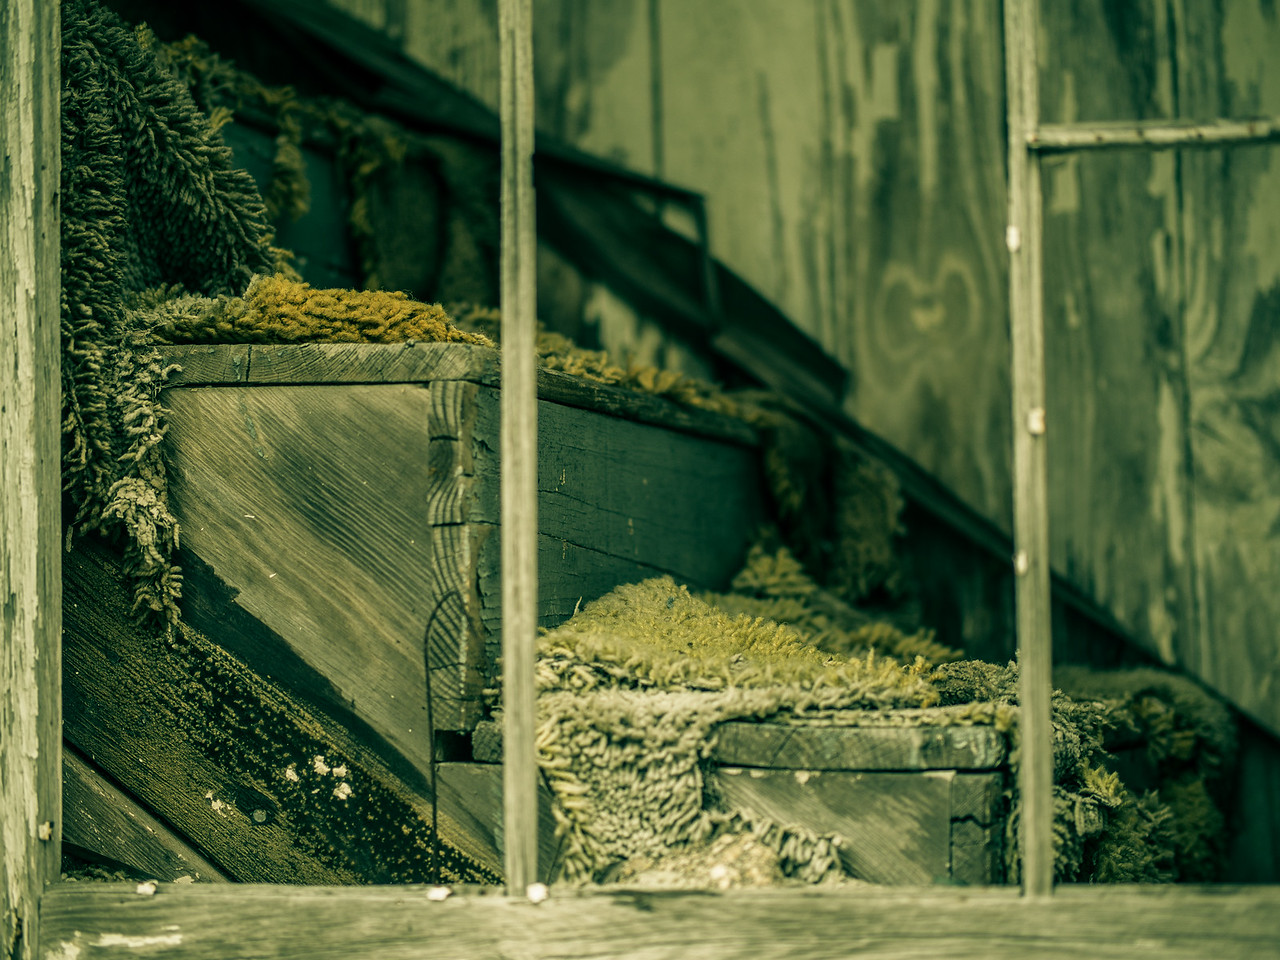 Abandoned Texas Home #3